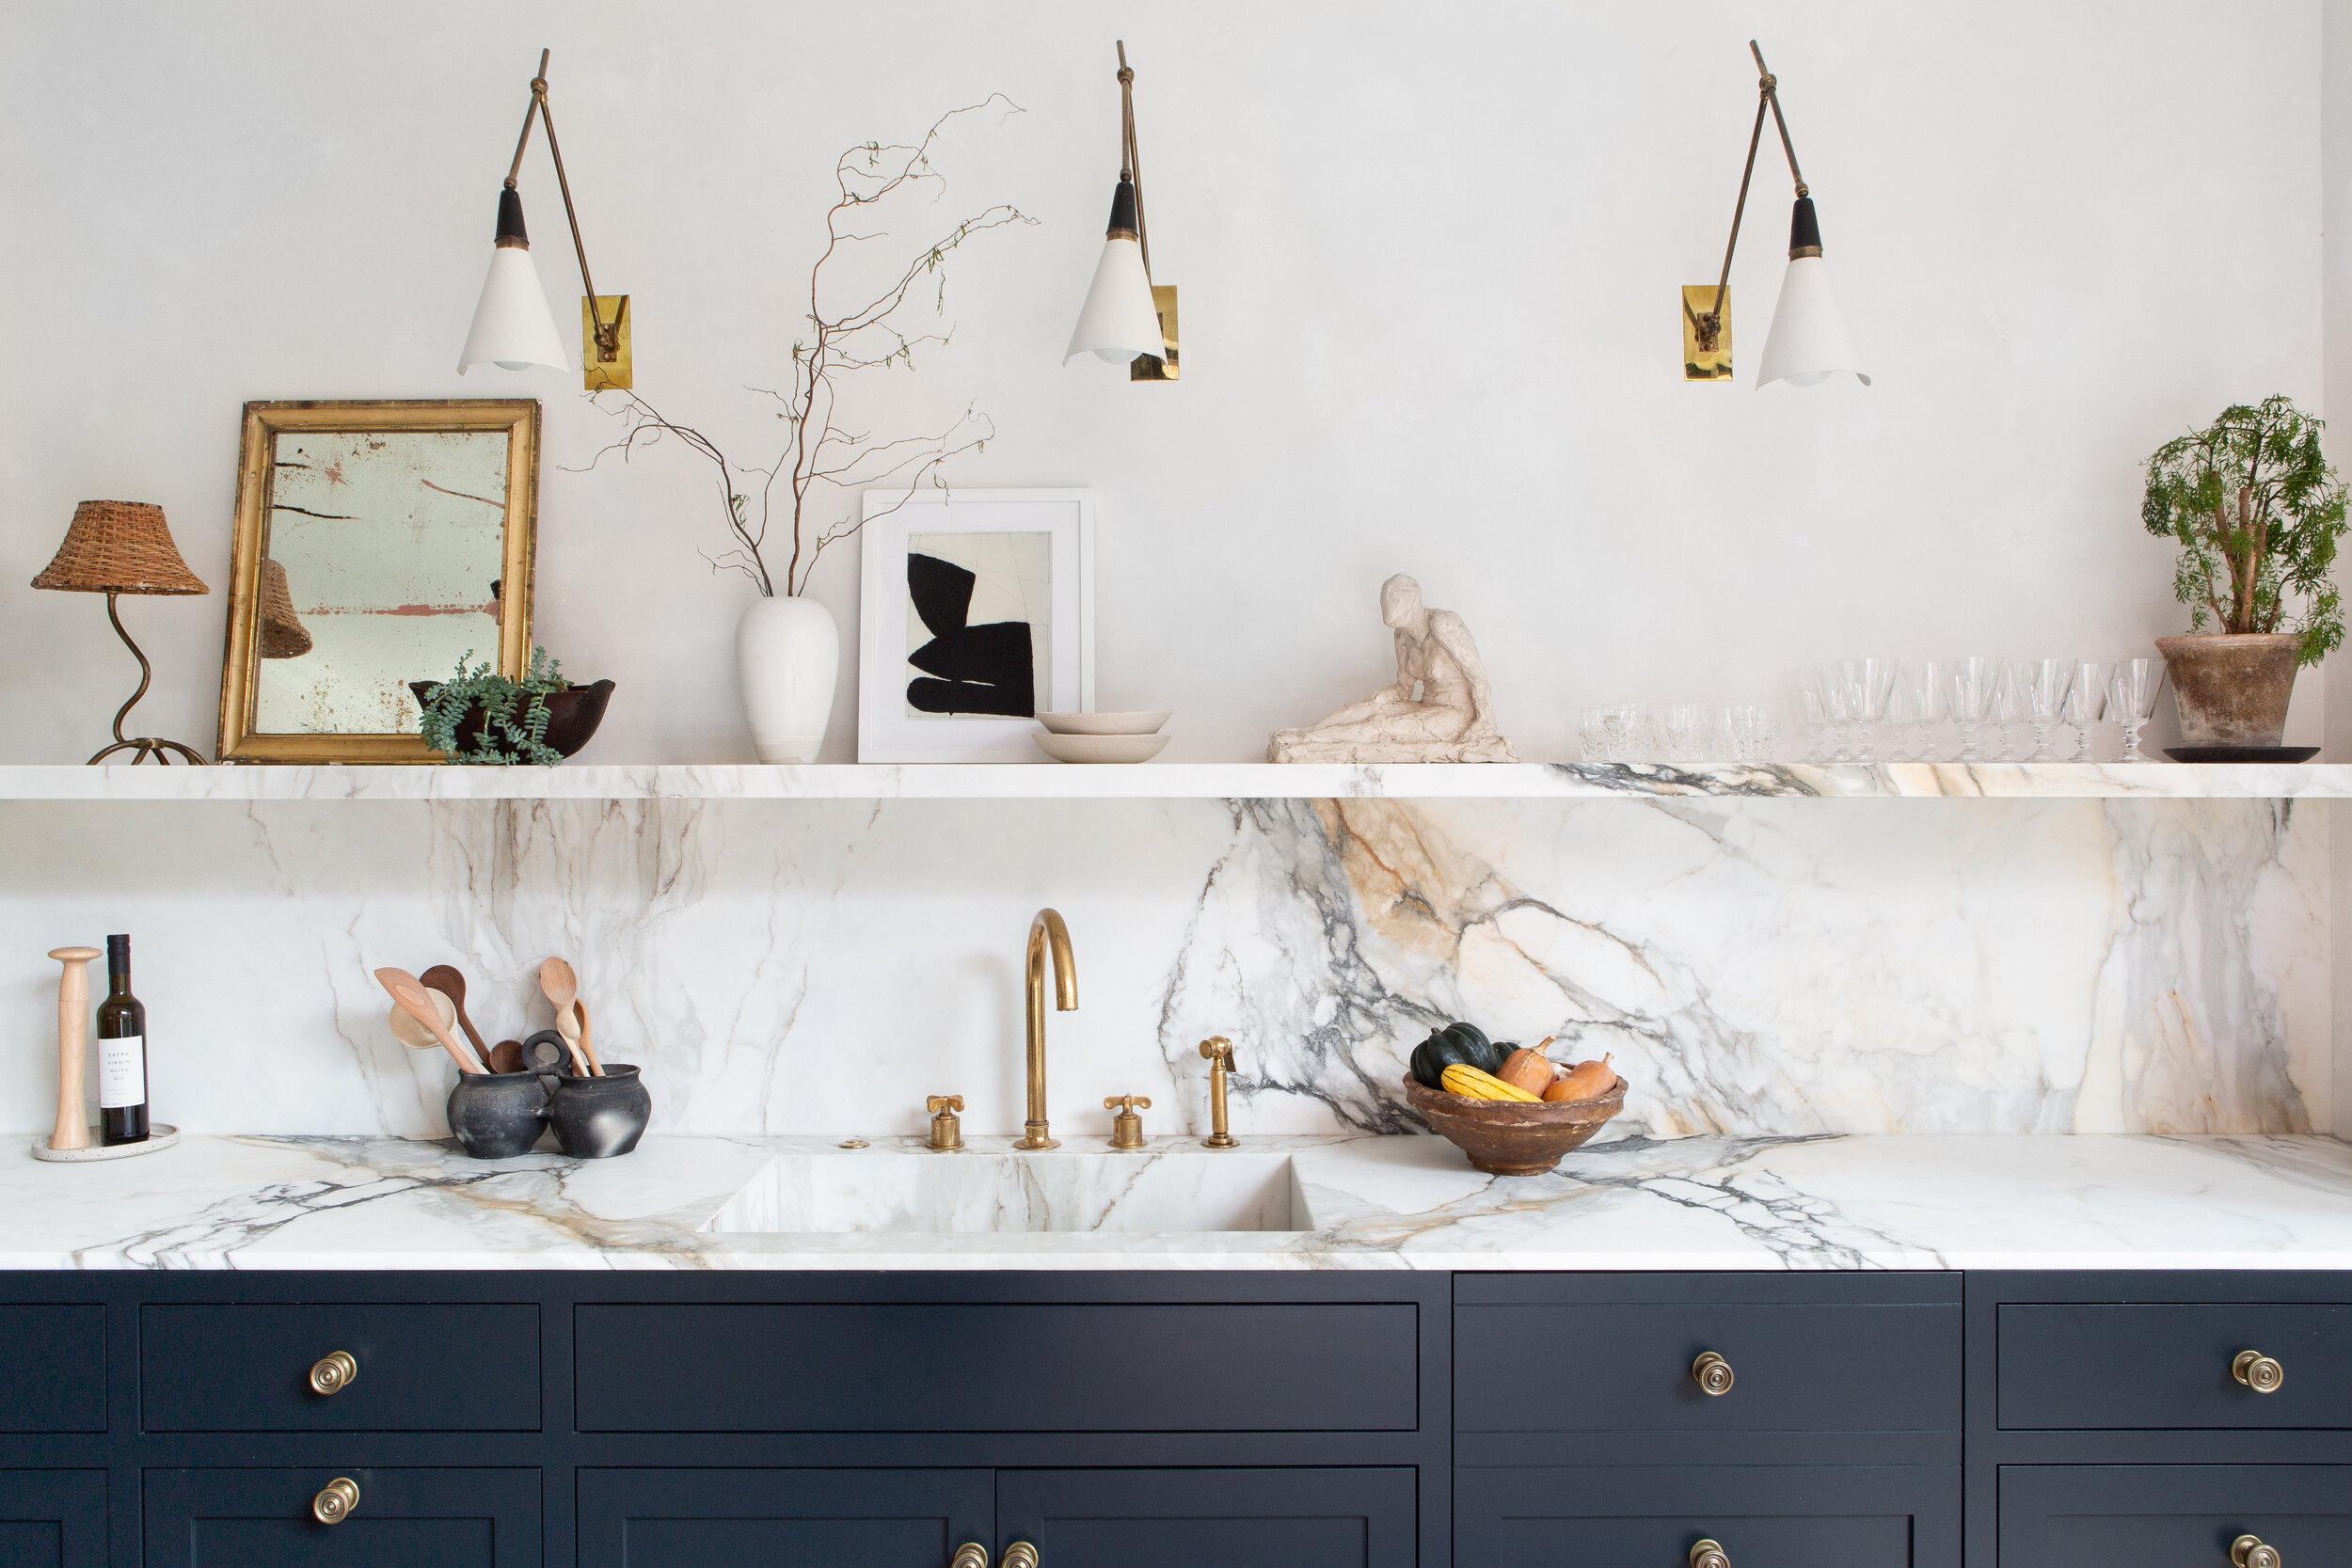 кухня мрамор столешница фартук